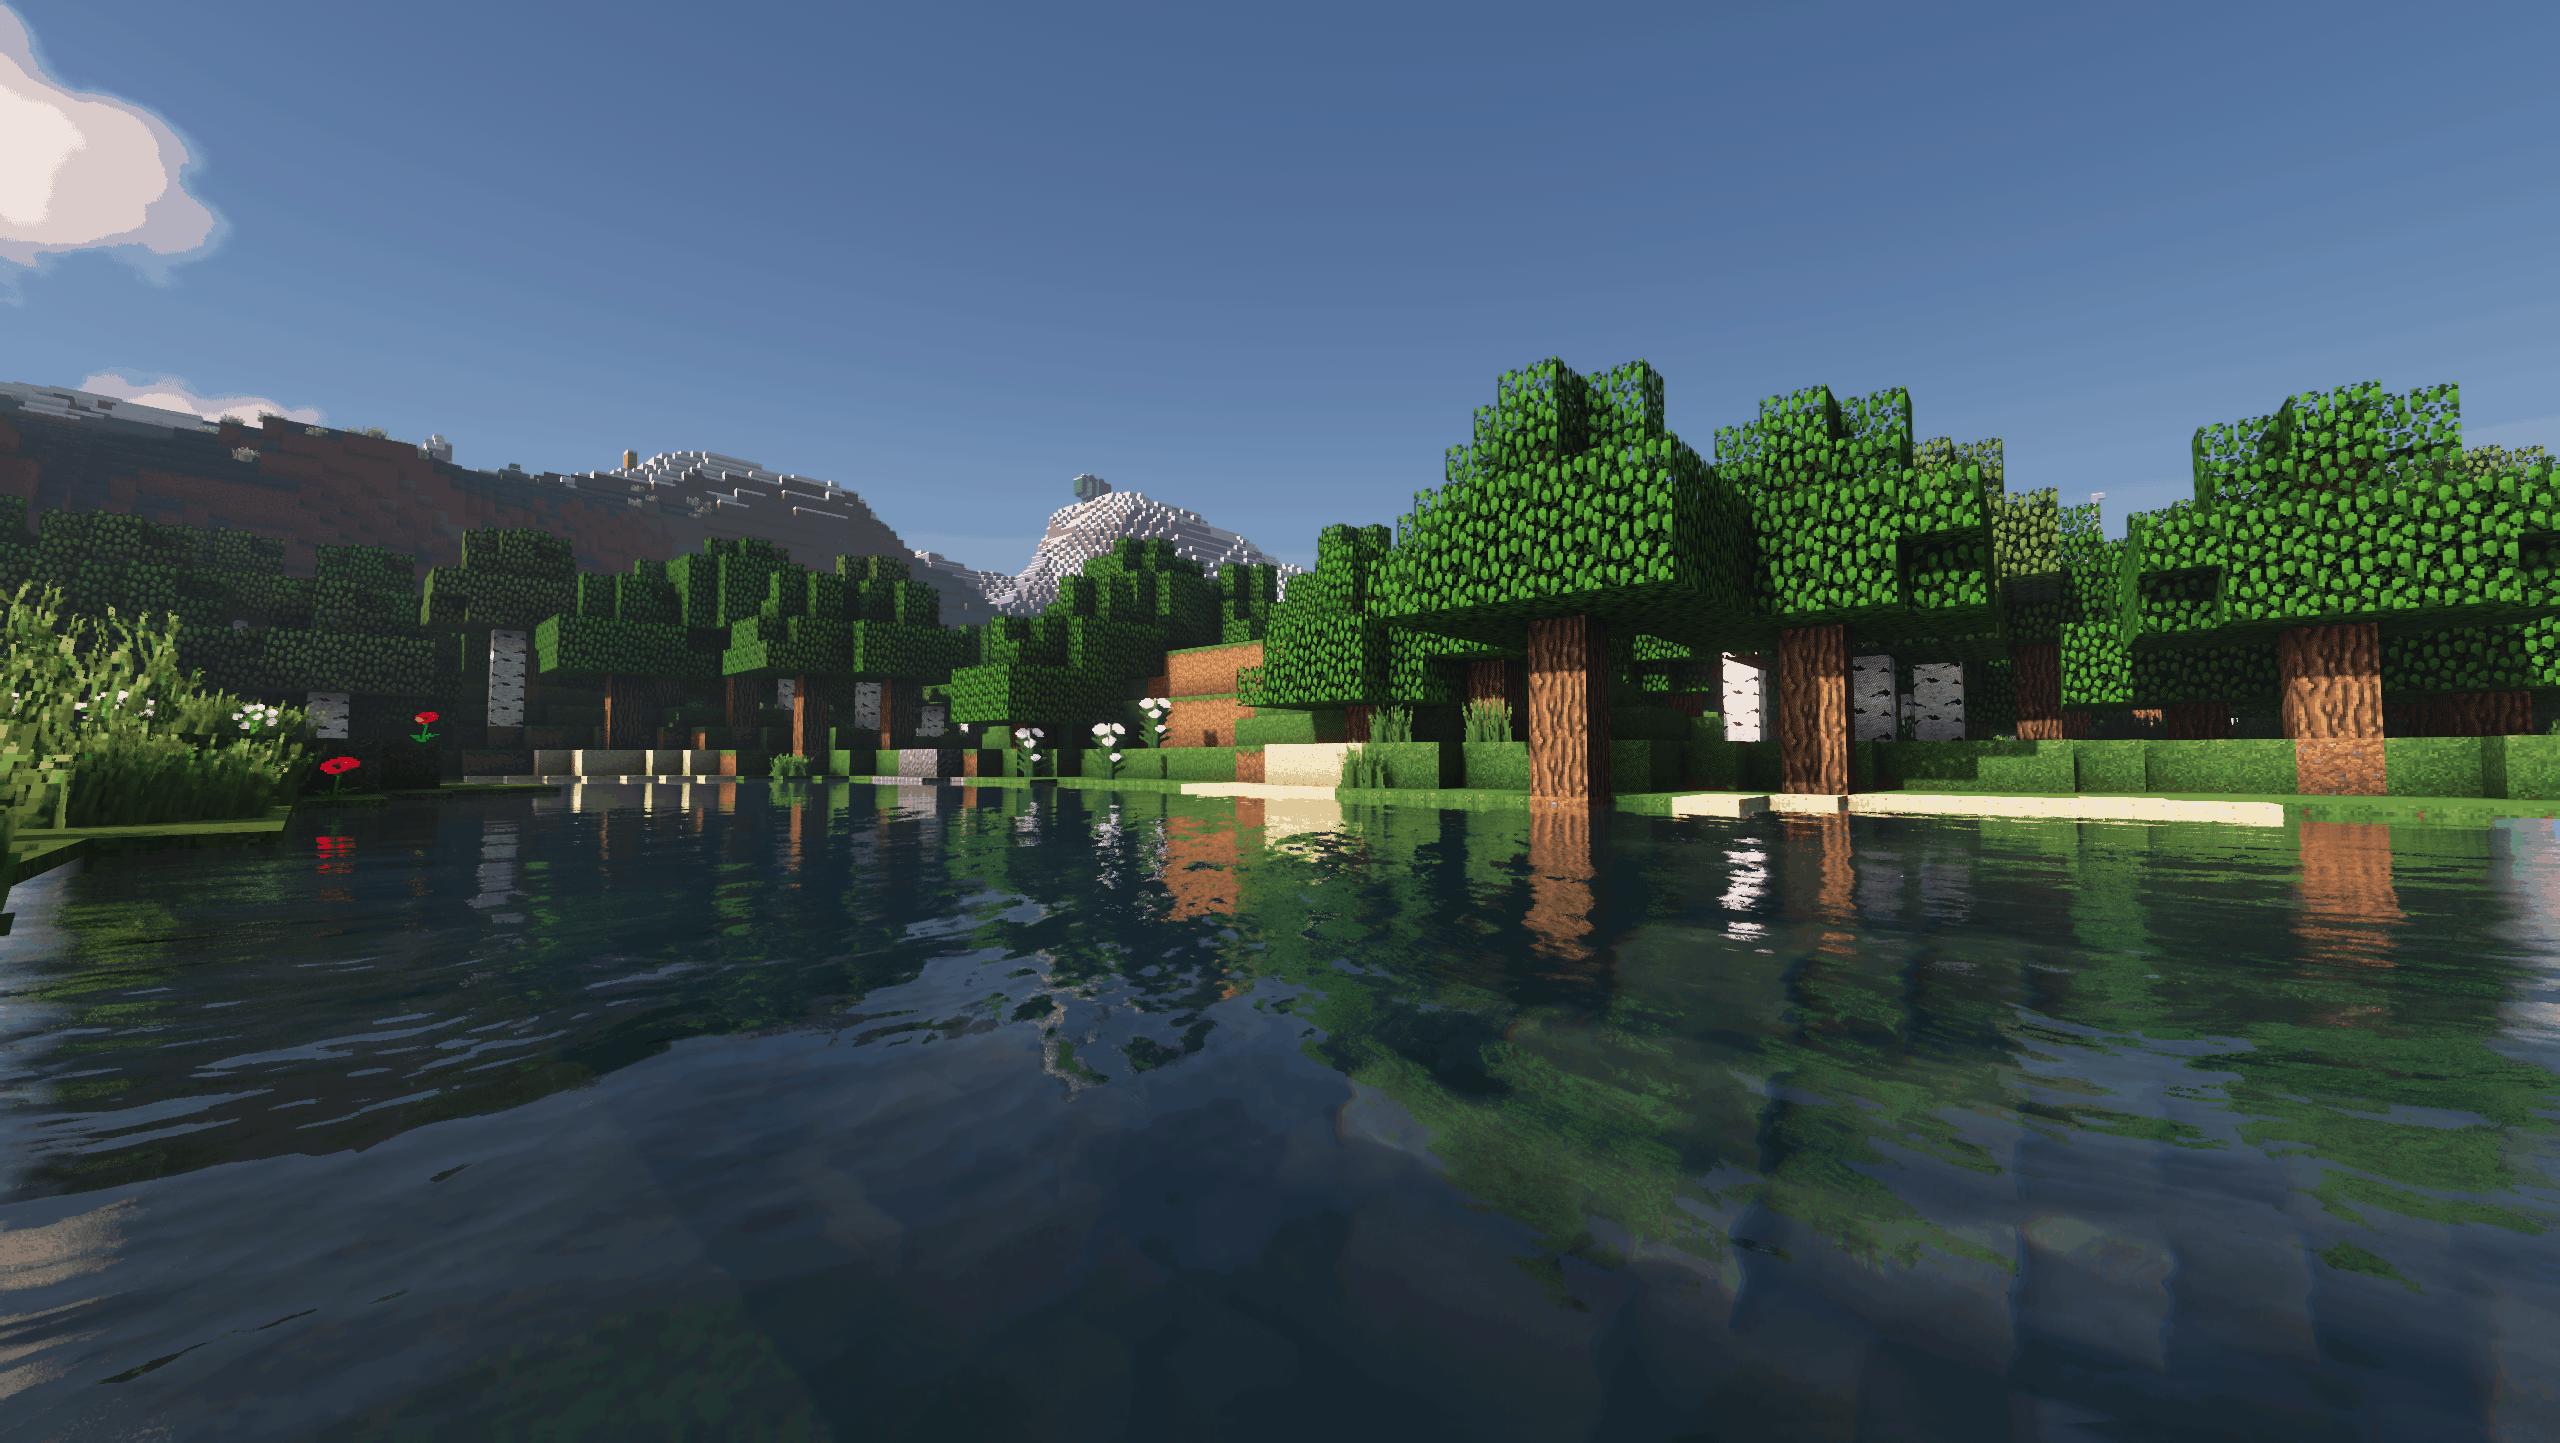 Aperçu d'un lac avec des montagnes en fond